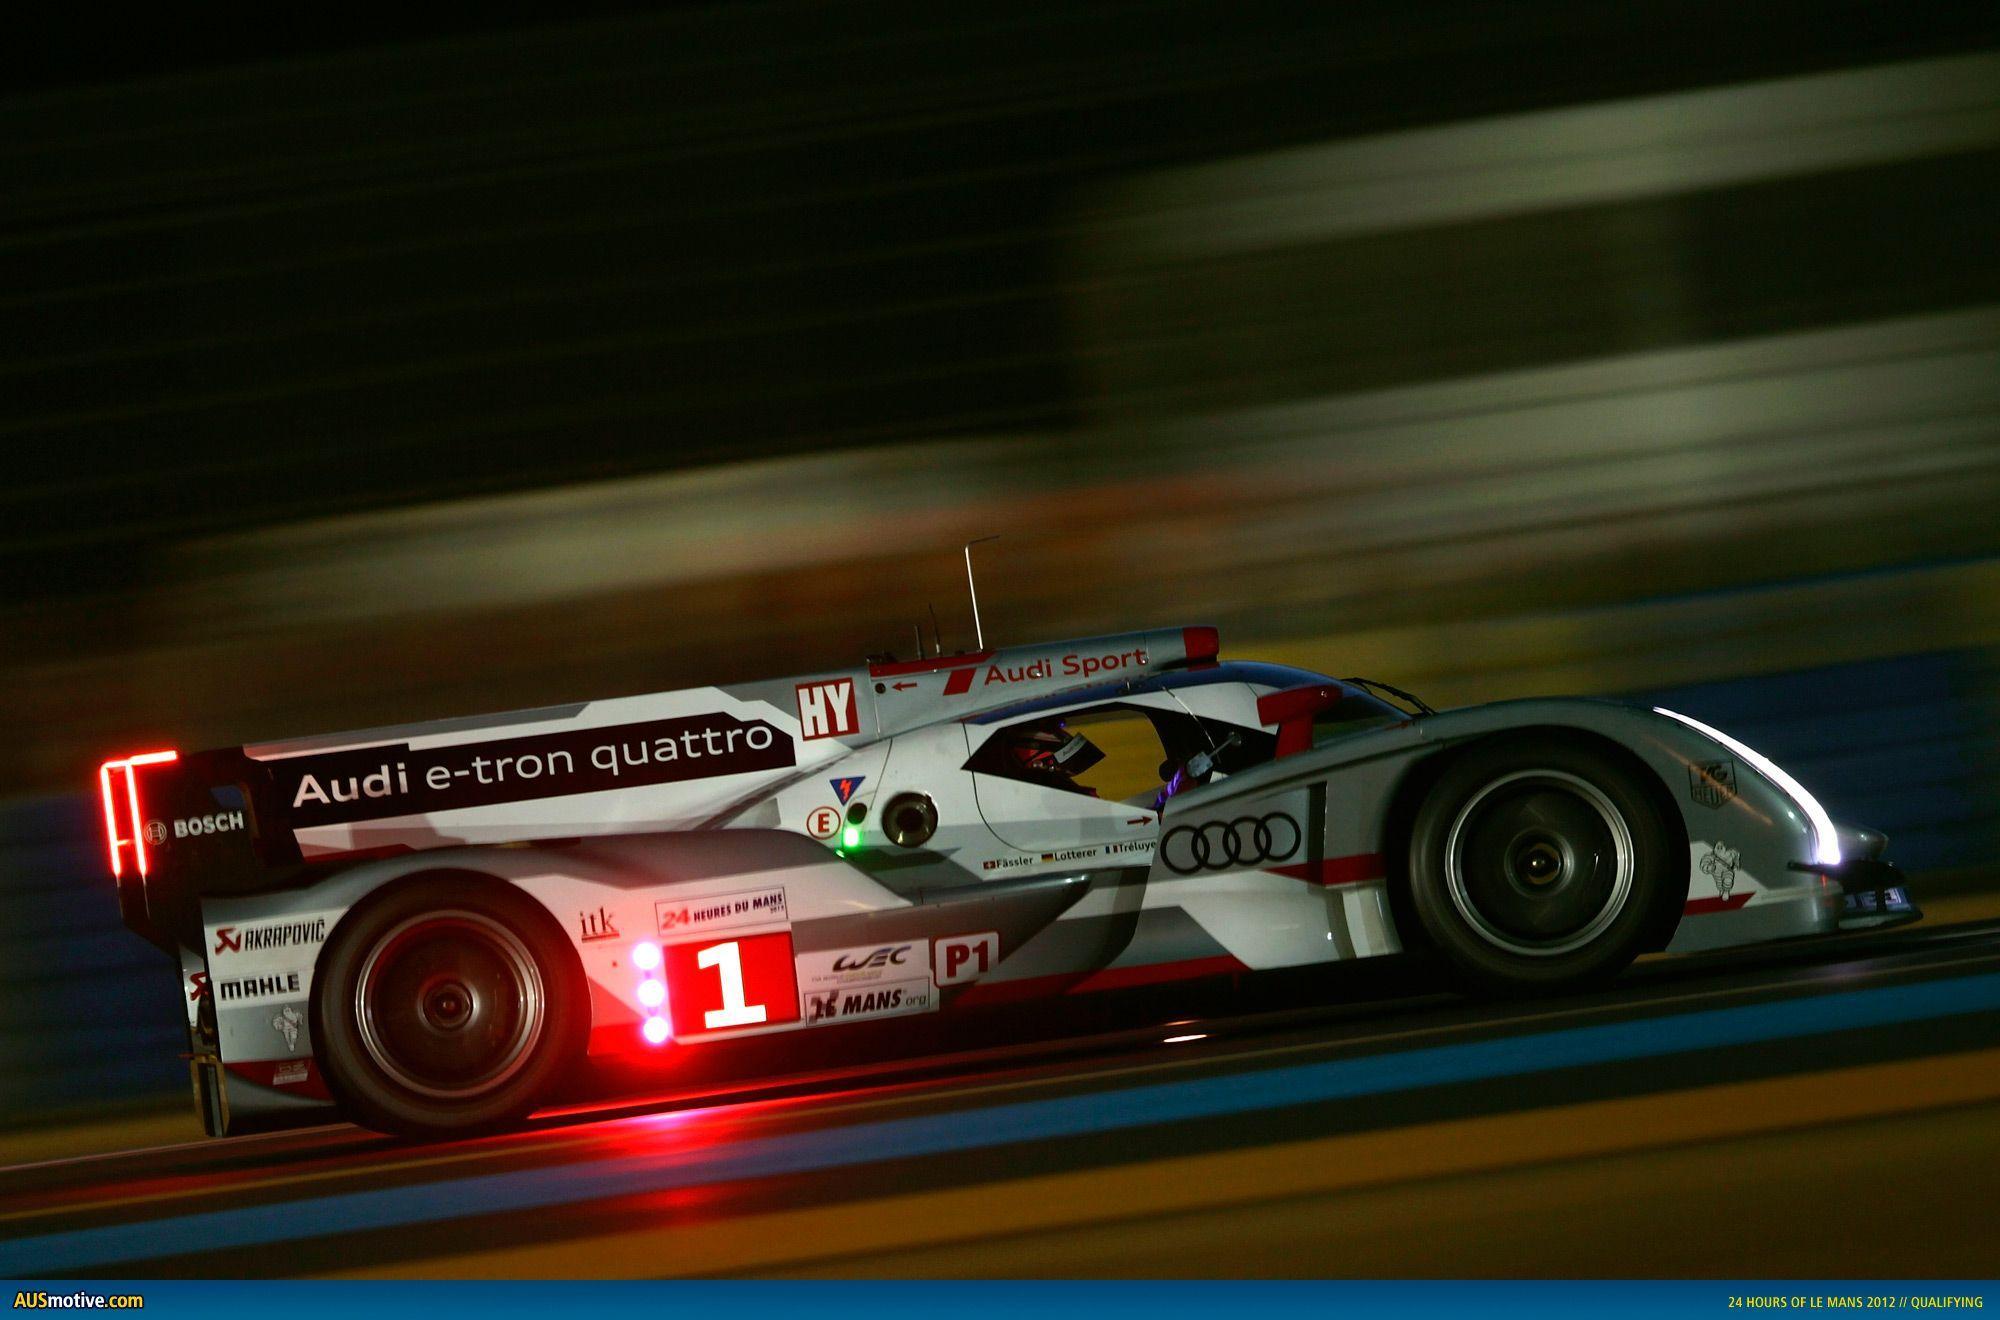 Audi Le Mans Wallpapers Wallpaper Cave